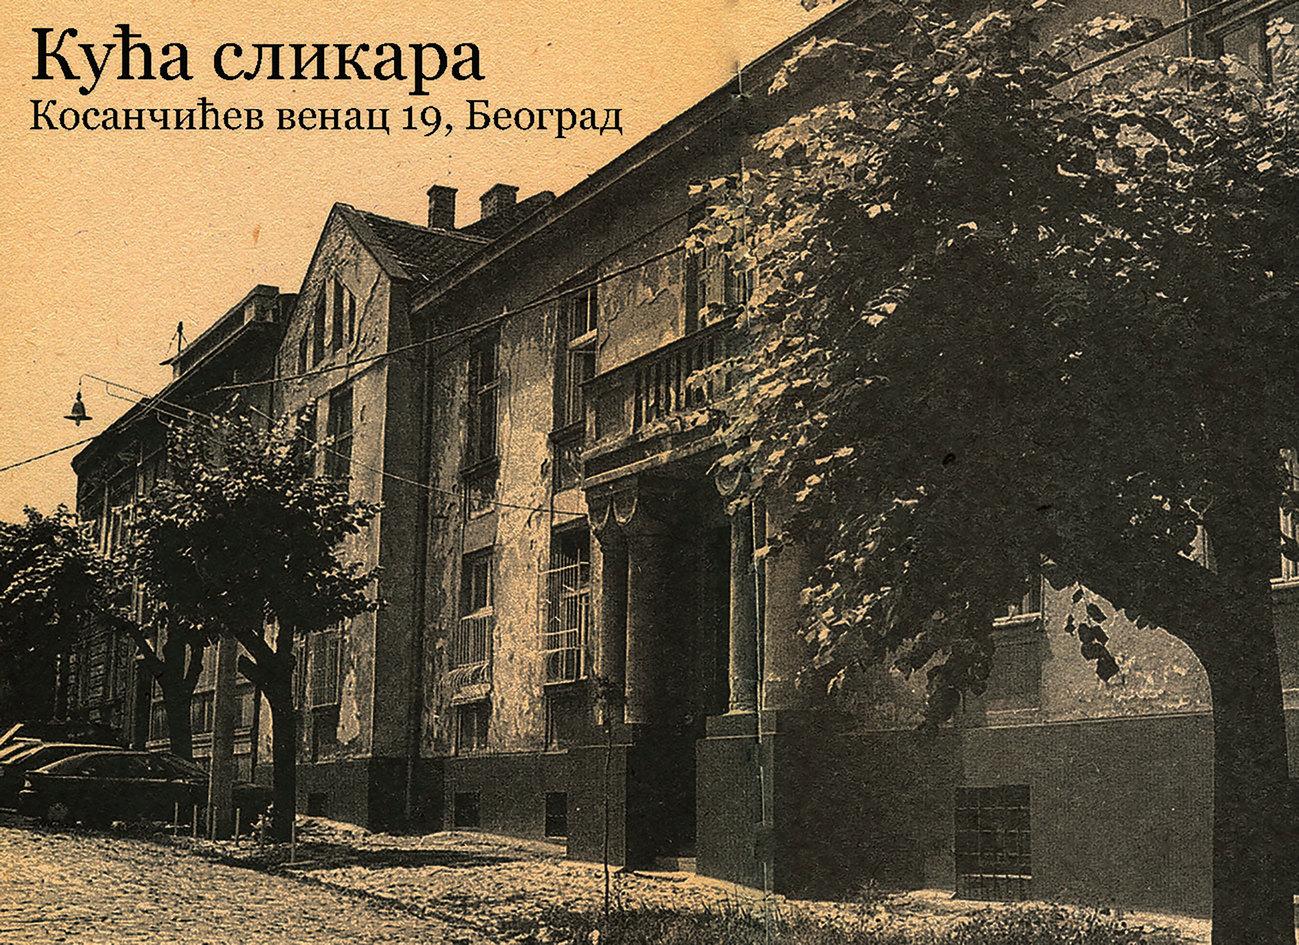 Кућа сликара, Косанчићев венац 19